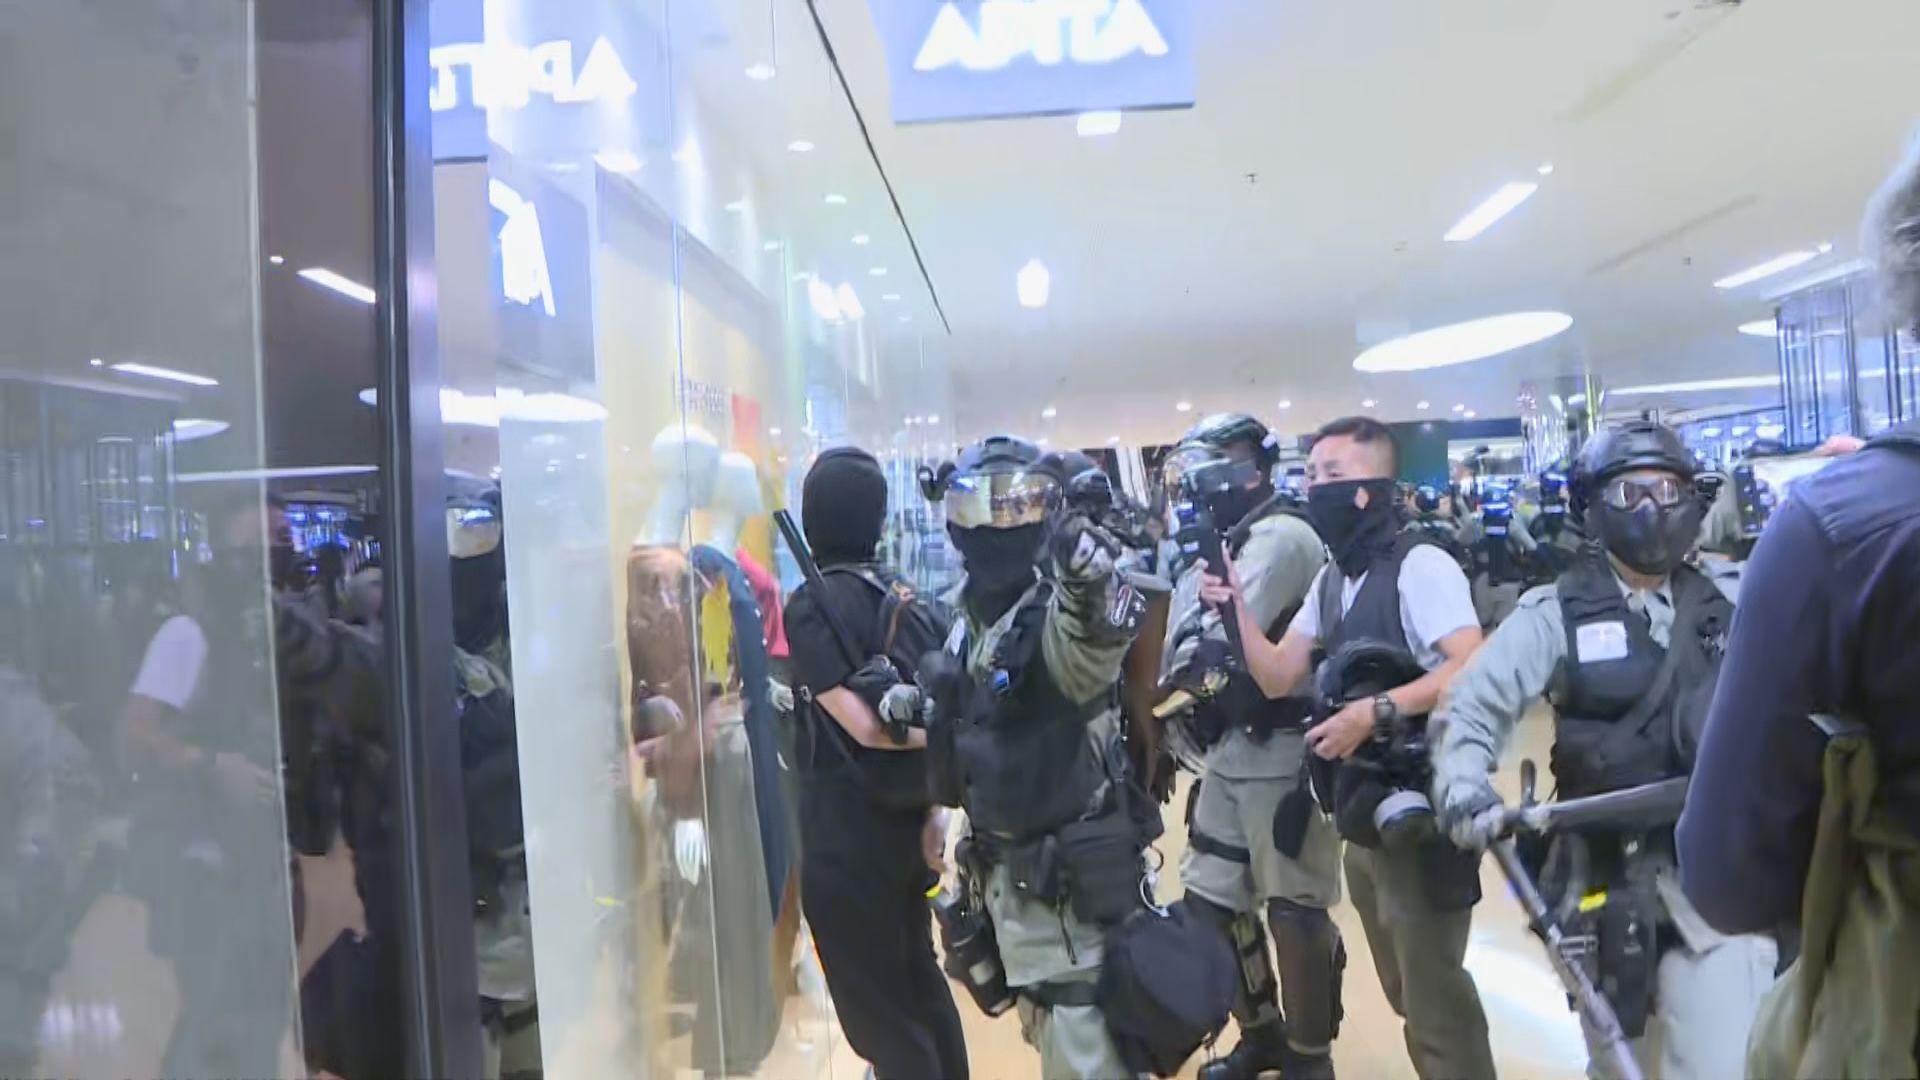 警再入太古城中心 現場市民稱有人被帶走